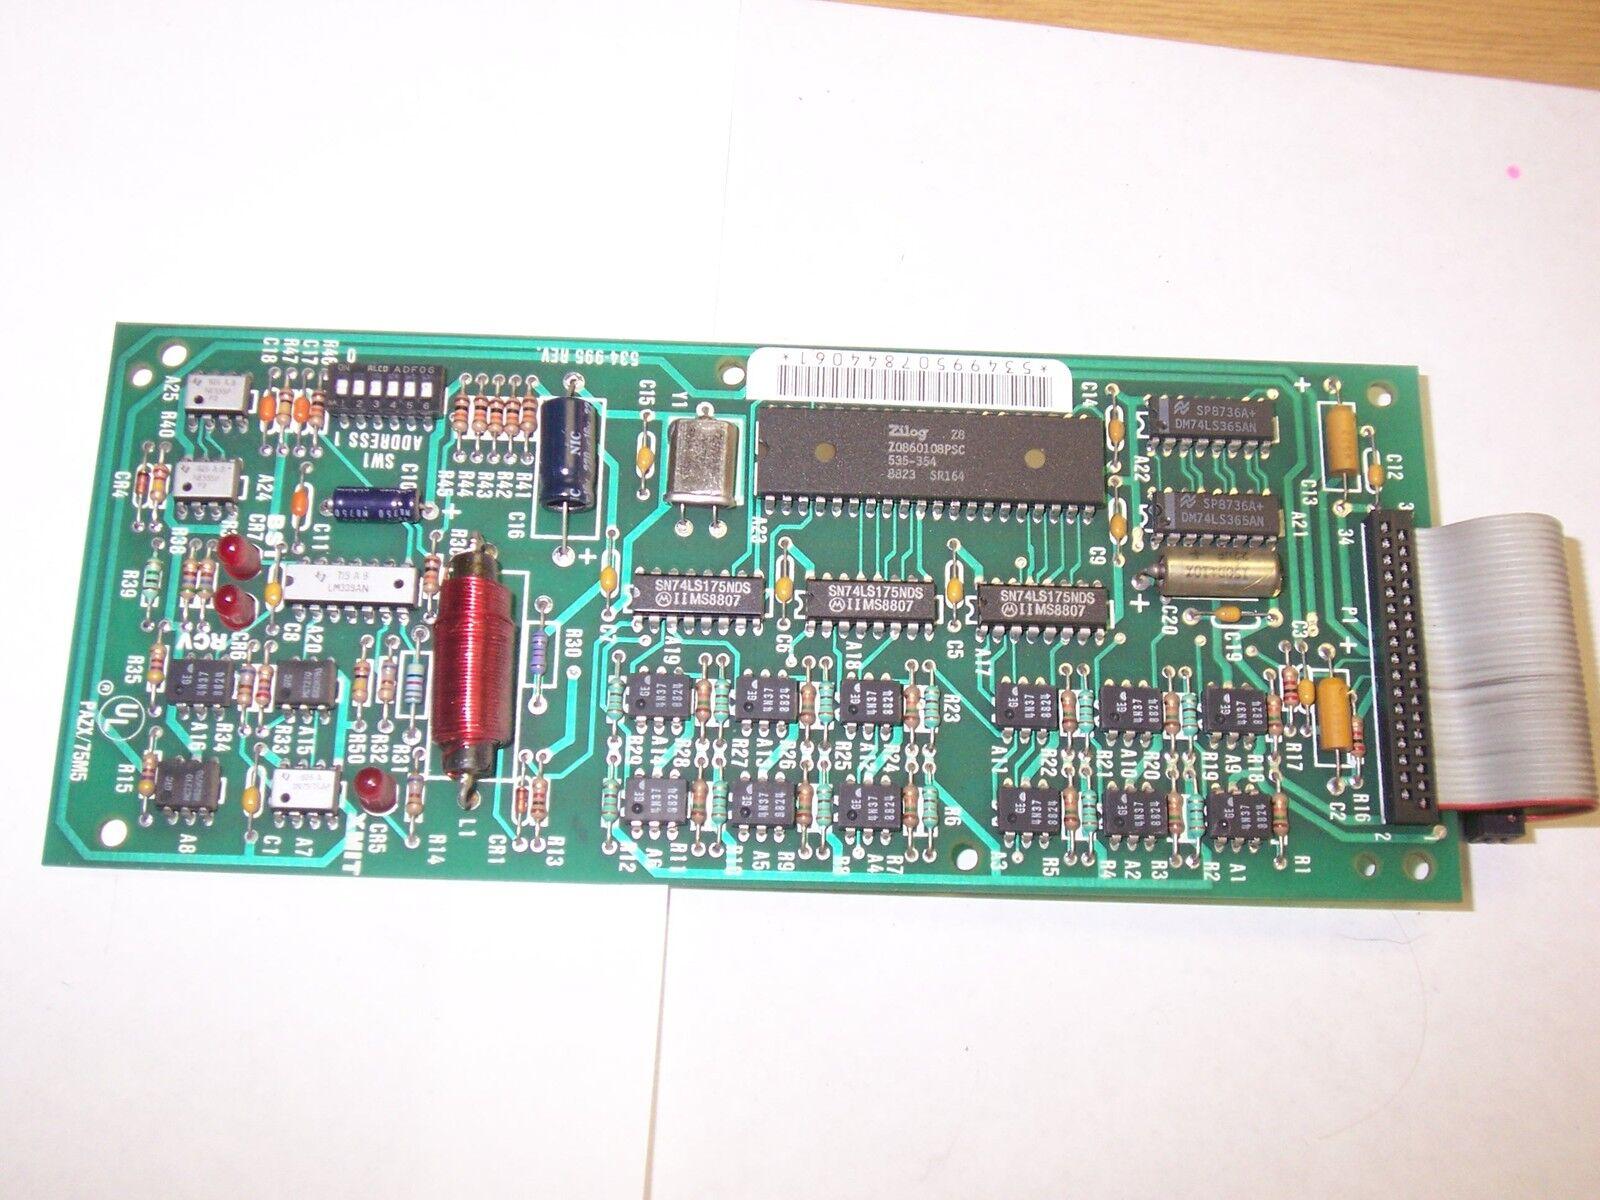 Siemens, Landis & Gyr SCU 600 534-995 534-995 534-995 53499 5 circuito De Control Board Tarjeta 56475c